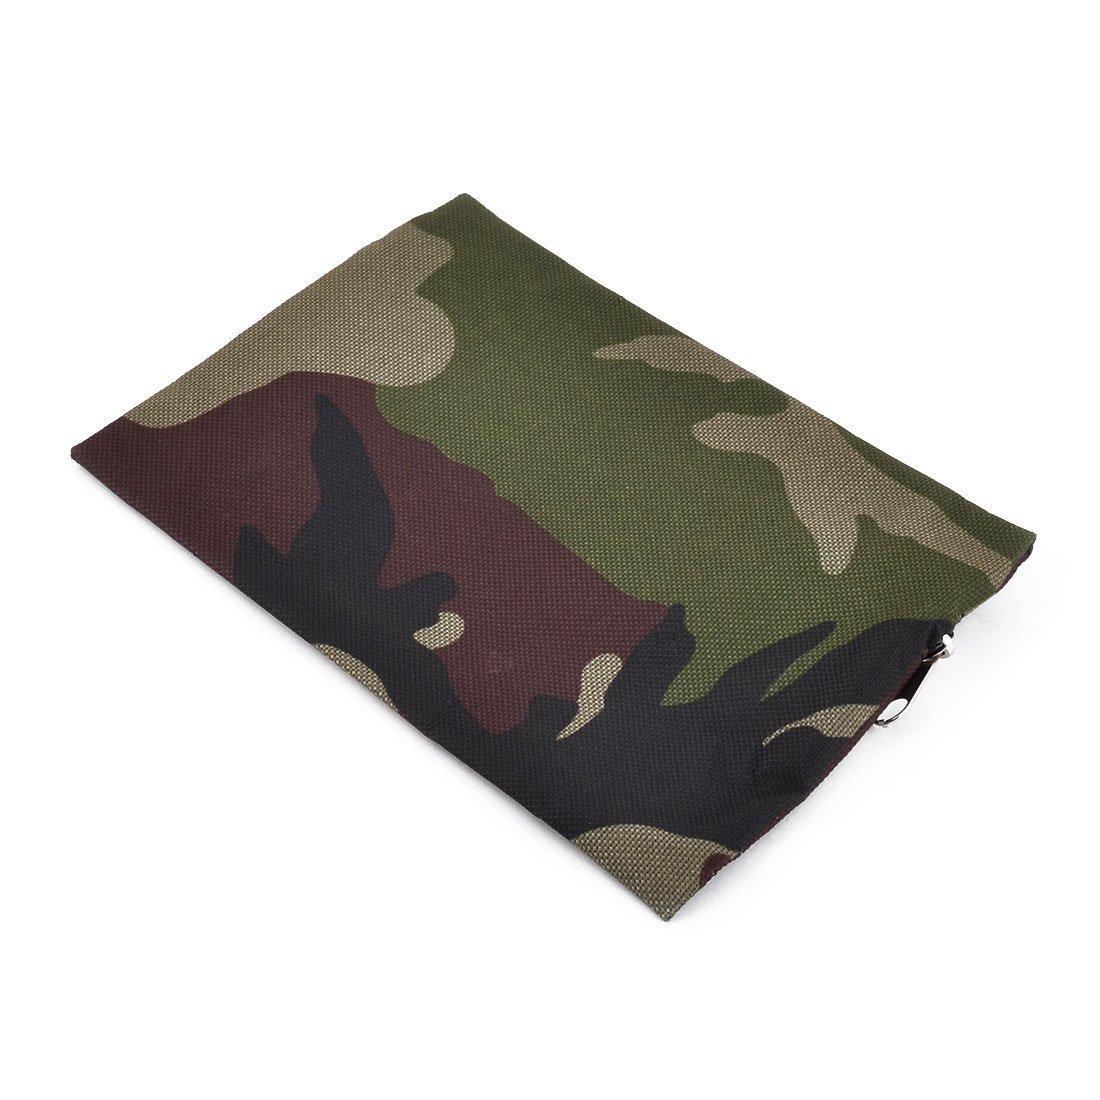 Amazon.com: eDealMax Oxford Tela patrón de camuflaje acampar al aire Libre de primeros auxilios de emergencia de rescate Bolsa de almacenamiento Verde: Home ...